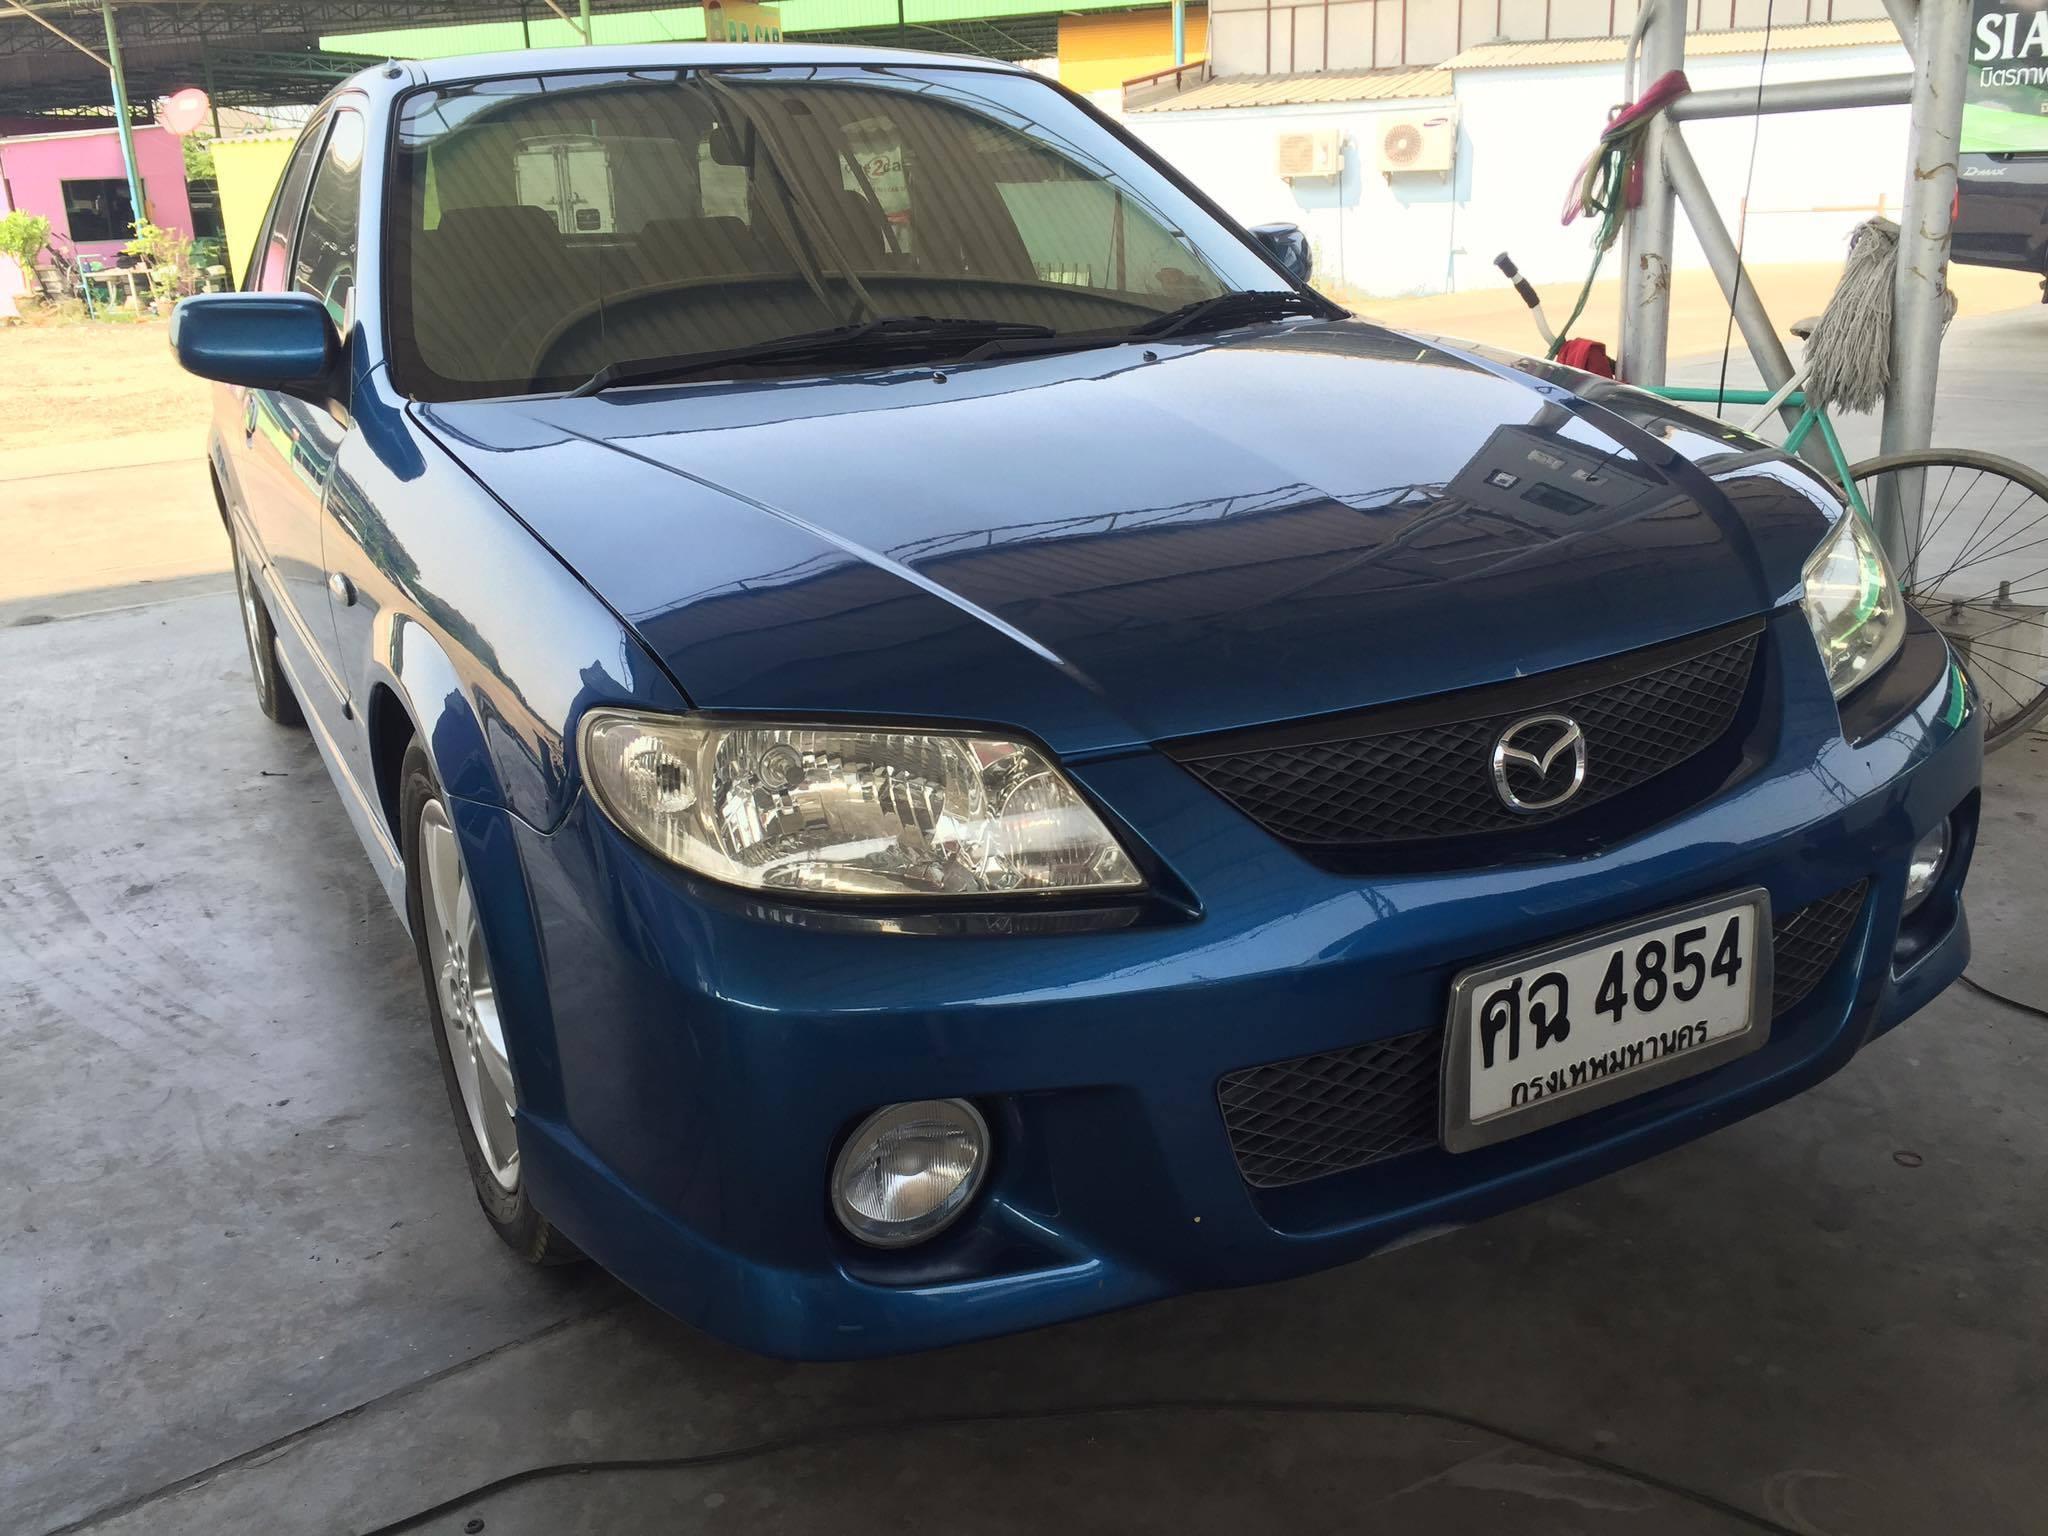 Mazda Protege 2.0 GT ปี2004 สีน้ำเงิน รุ่นท๊อป สภาพดี ราคาเบาๆ เครื่องดี ช่วงล่างแน่น ติดแก๊ส NGV